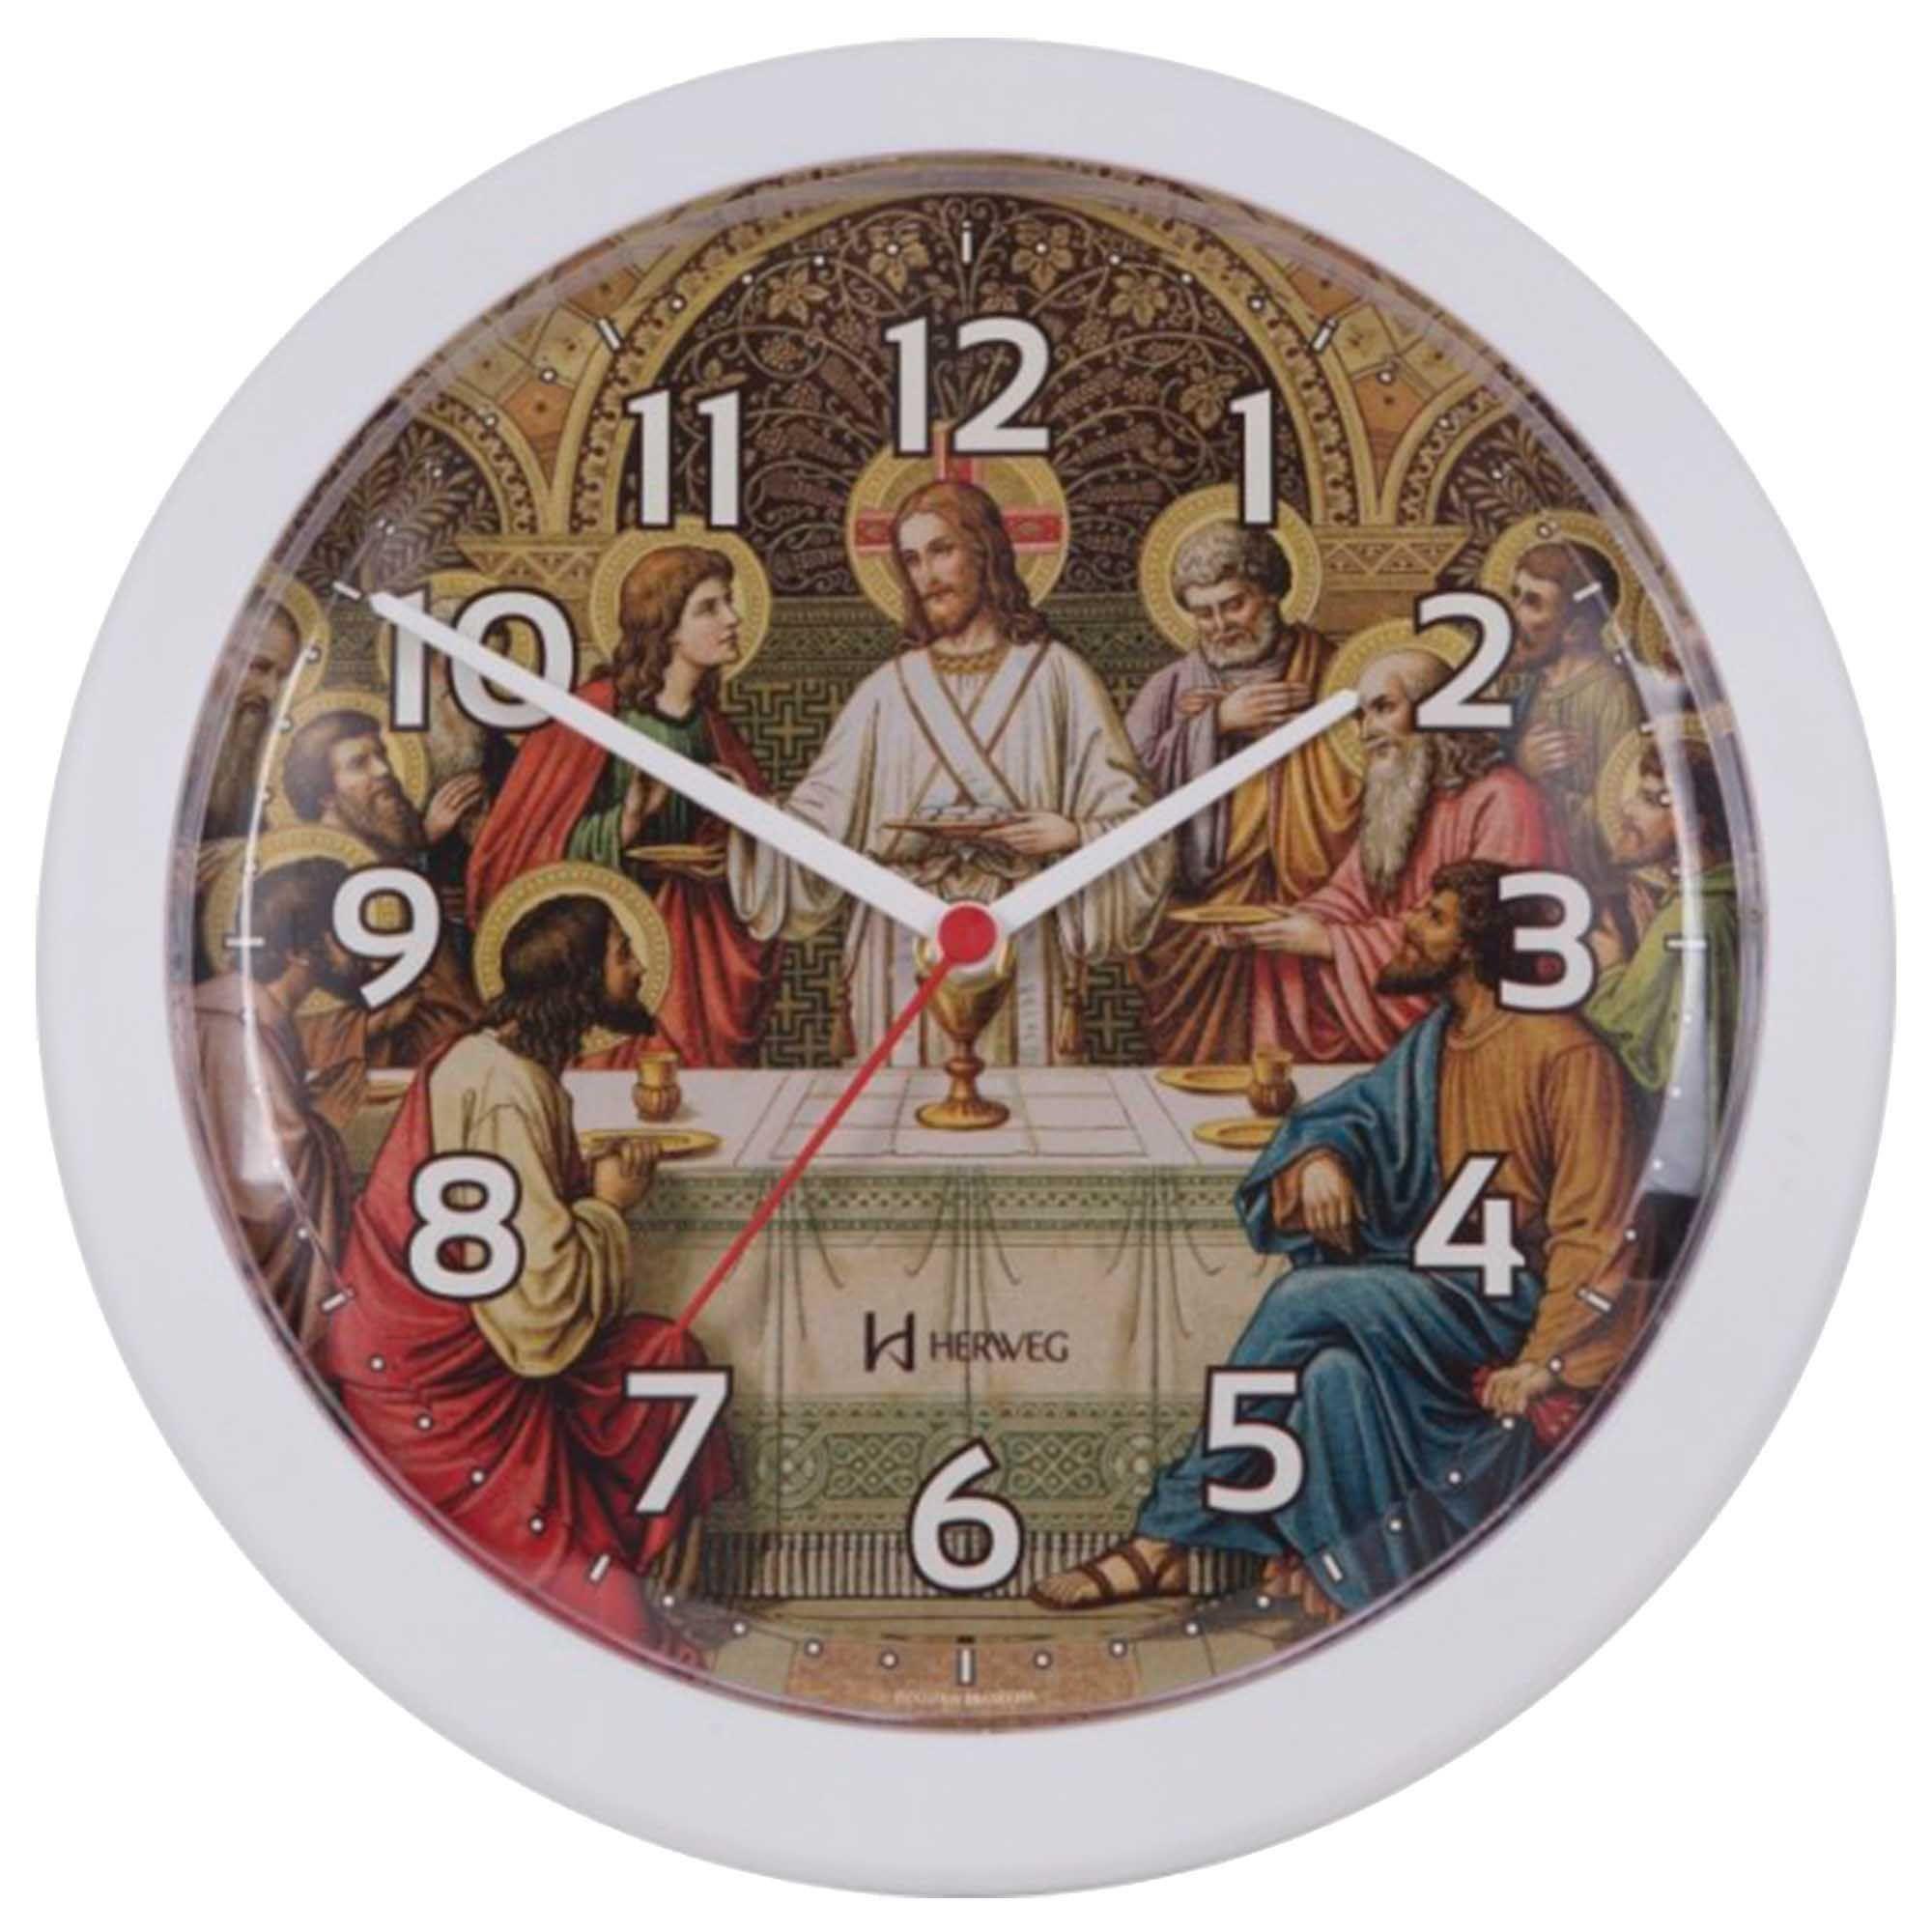 Relógio de Parede Analógico Herweg 6697 021 Branco